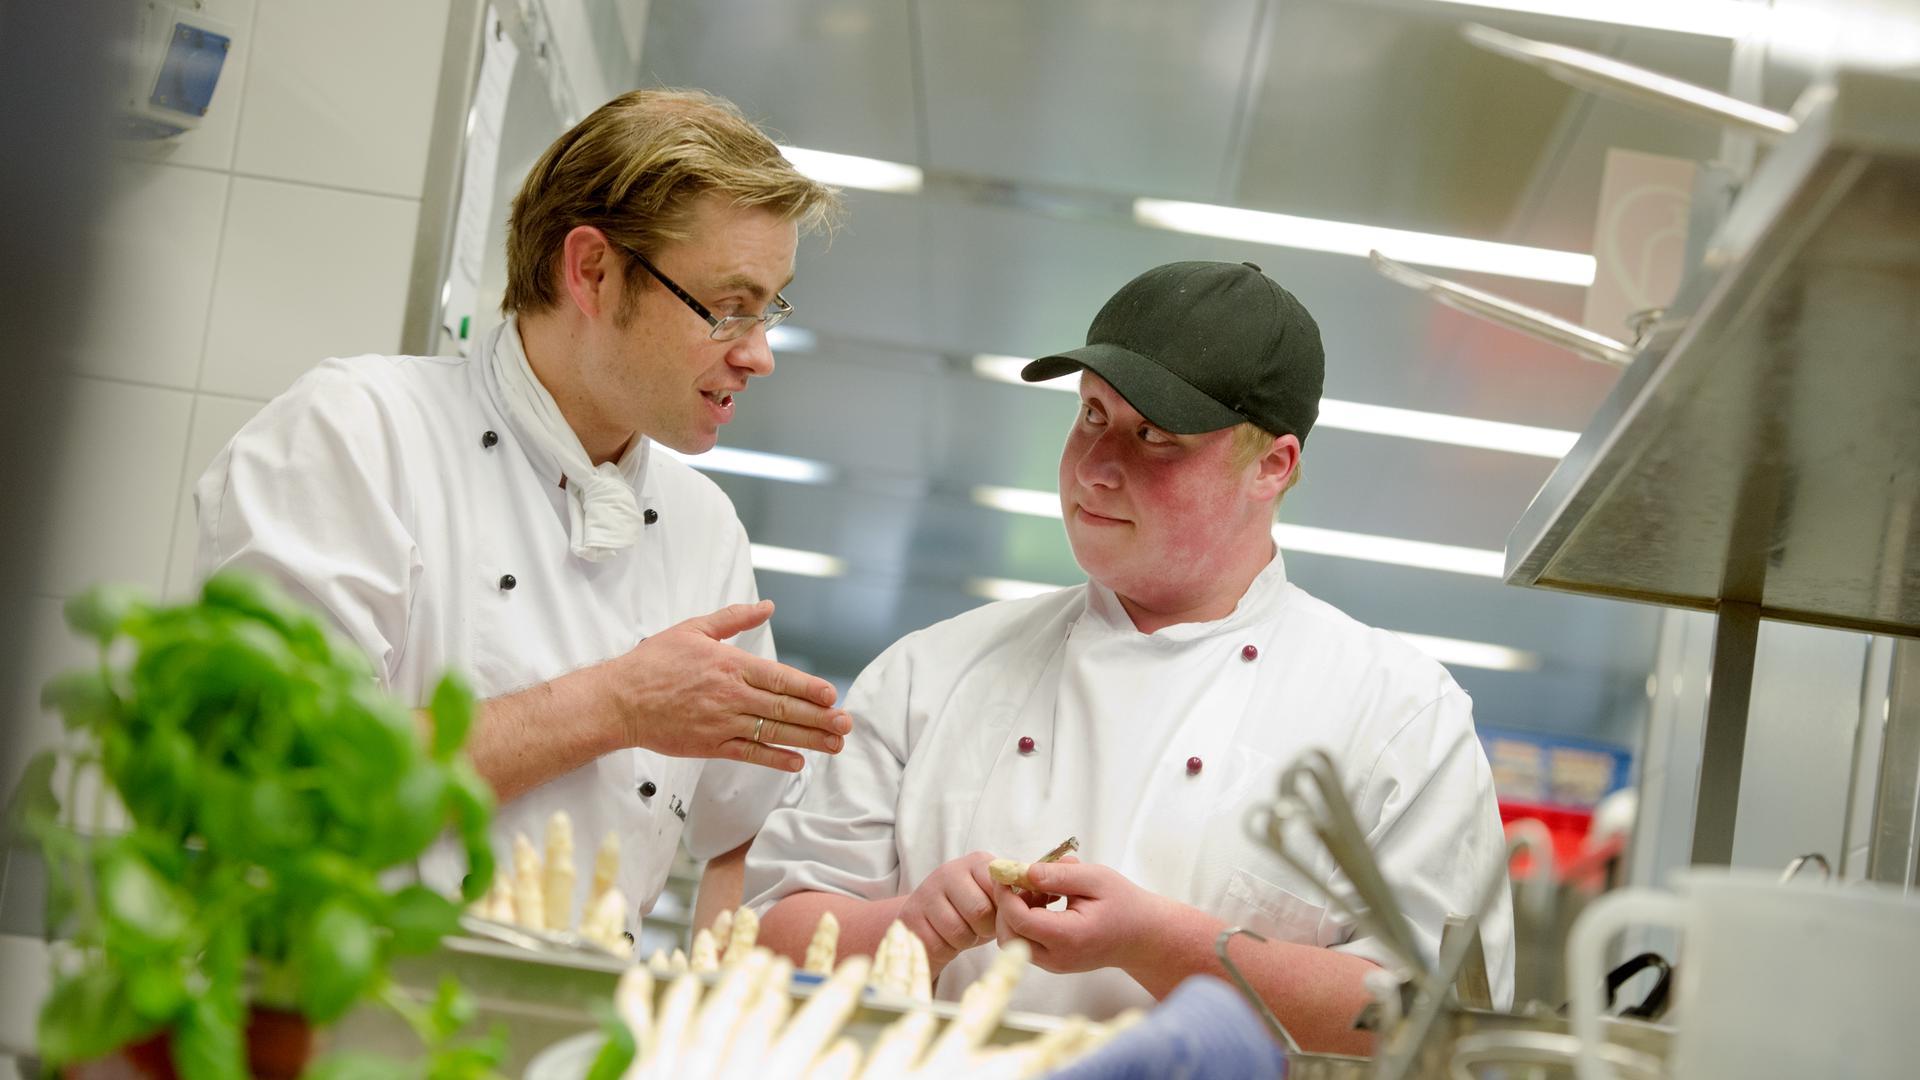 Freie Stellen zu vergeben: Peter Minrath von der IHK erklärt, dass einige Betriebe der Hotel- und Gastronomiebranche noch freie Ausbildungsplätze hätten.